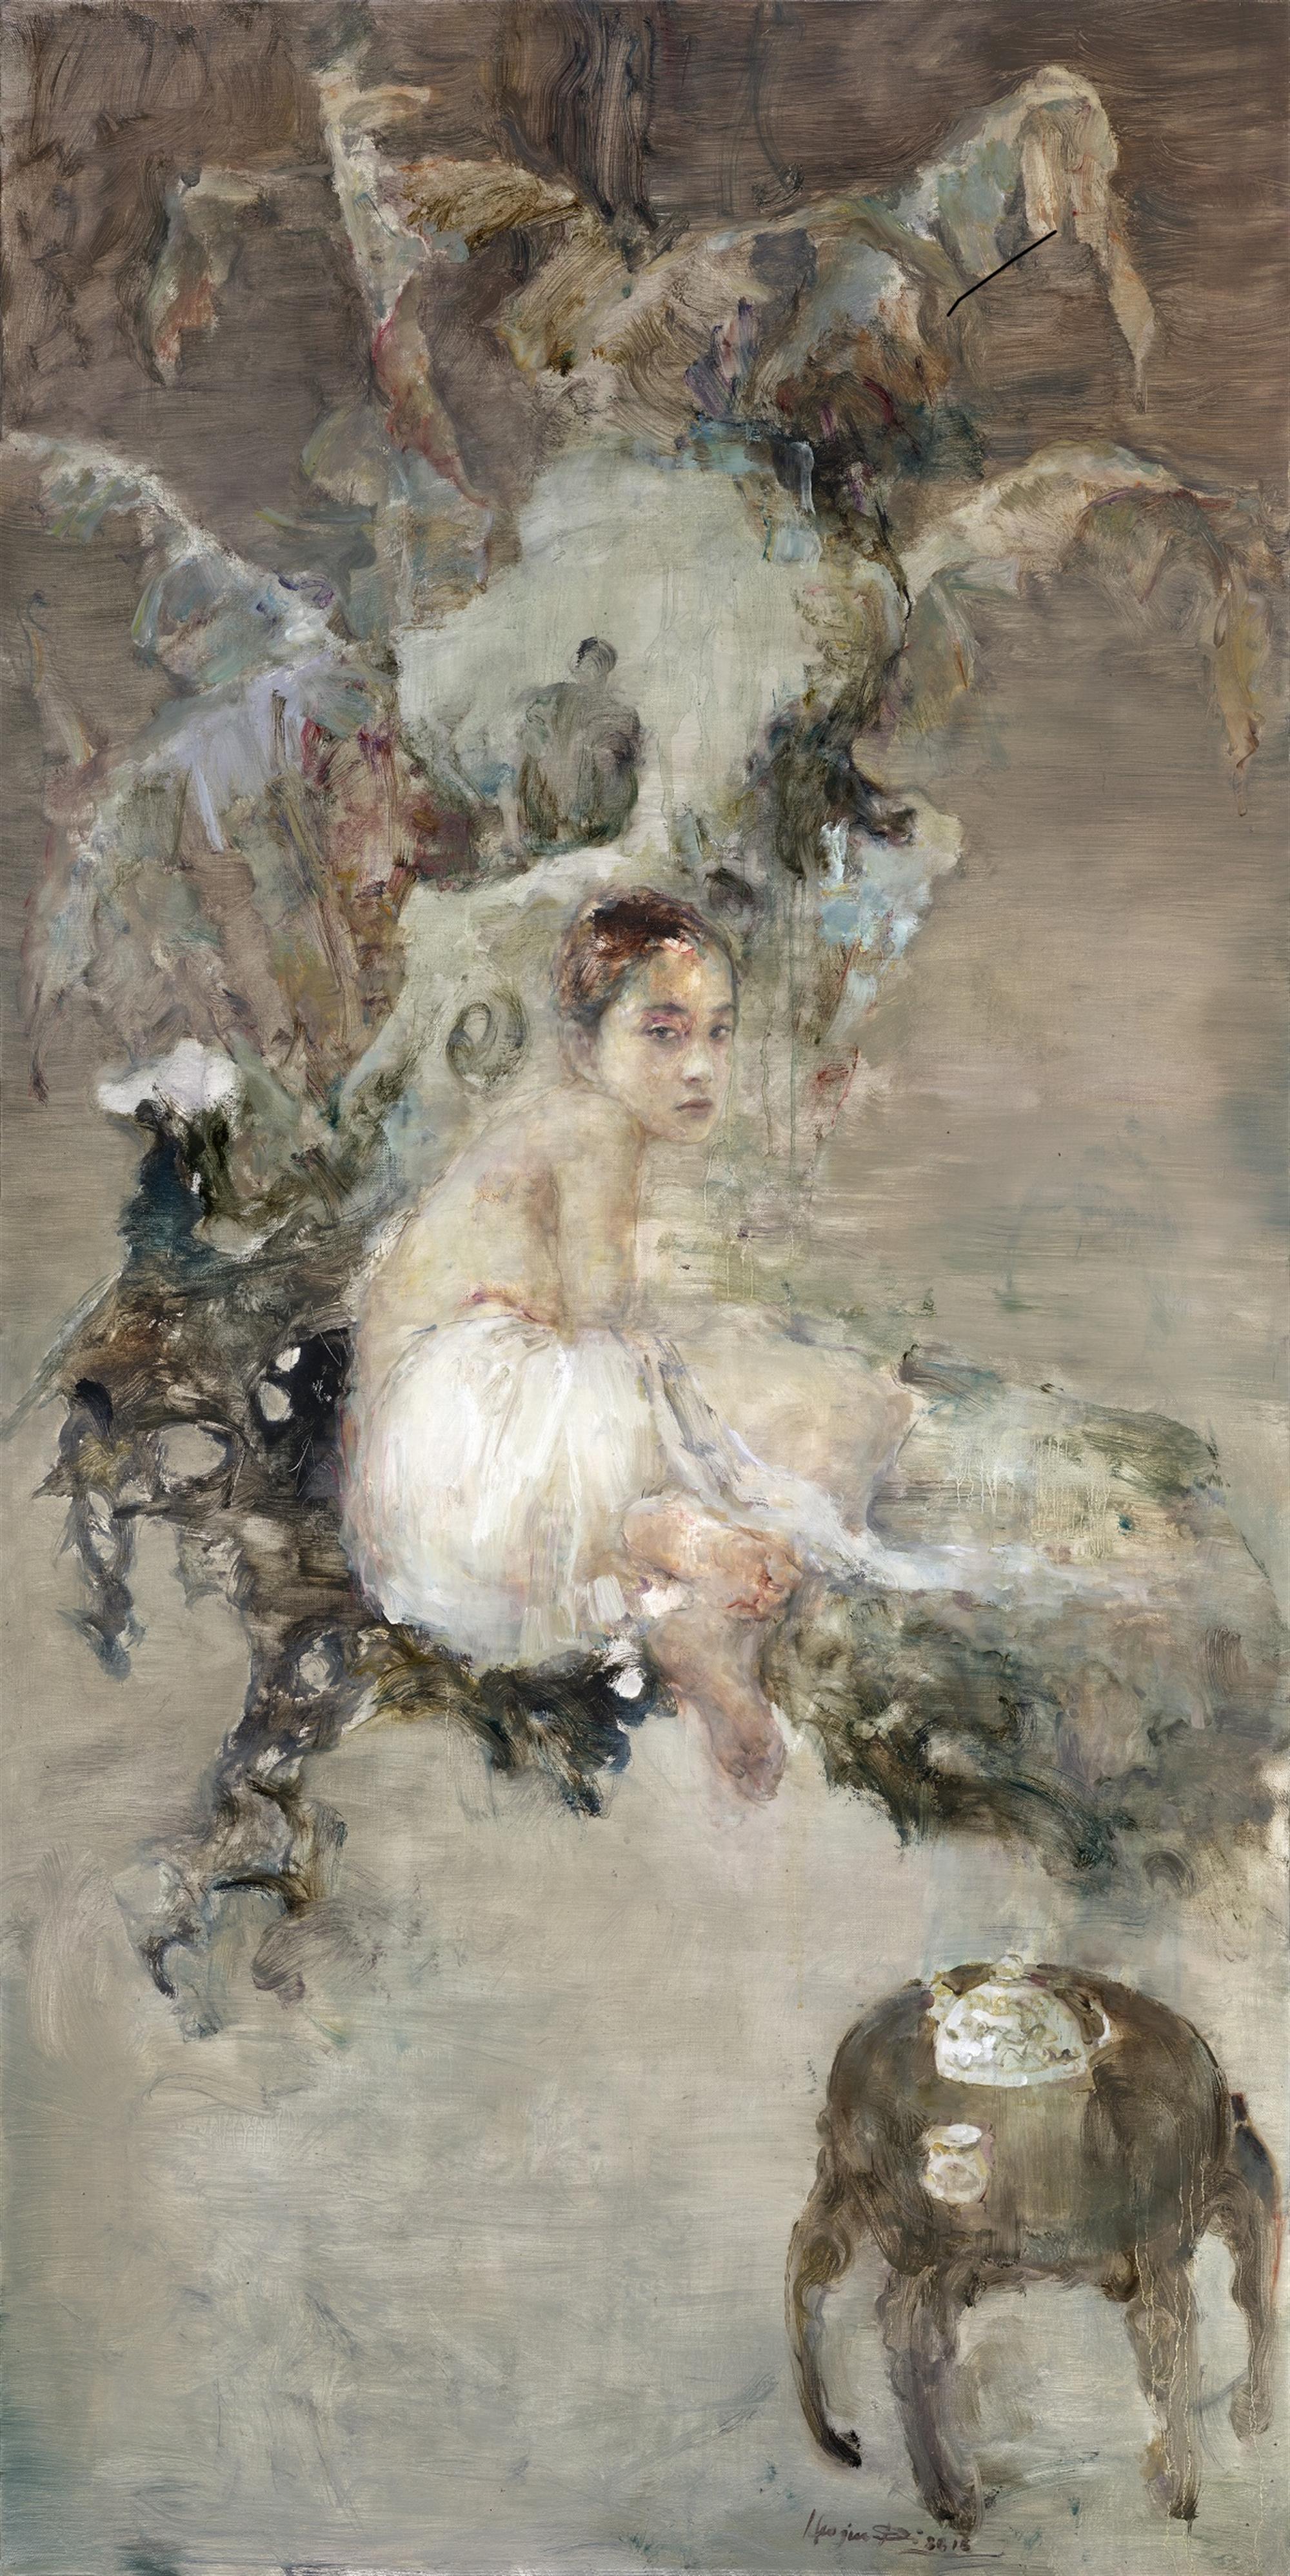 Solitude by Hu Jun Di